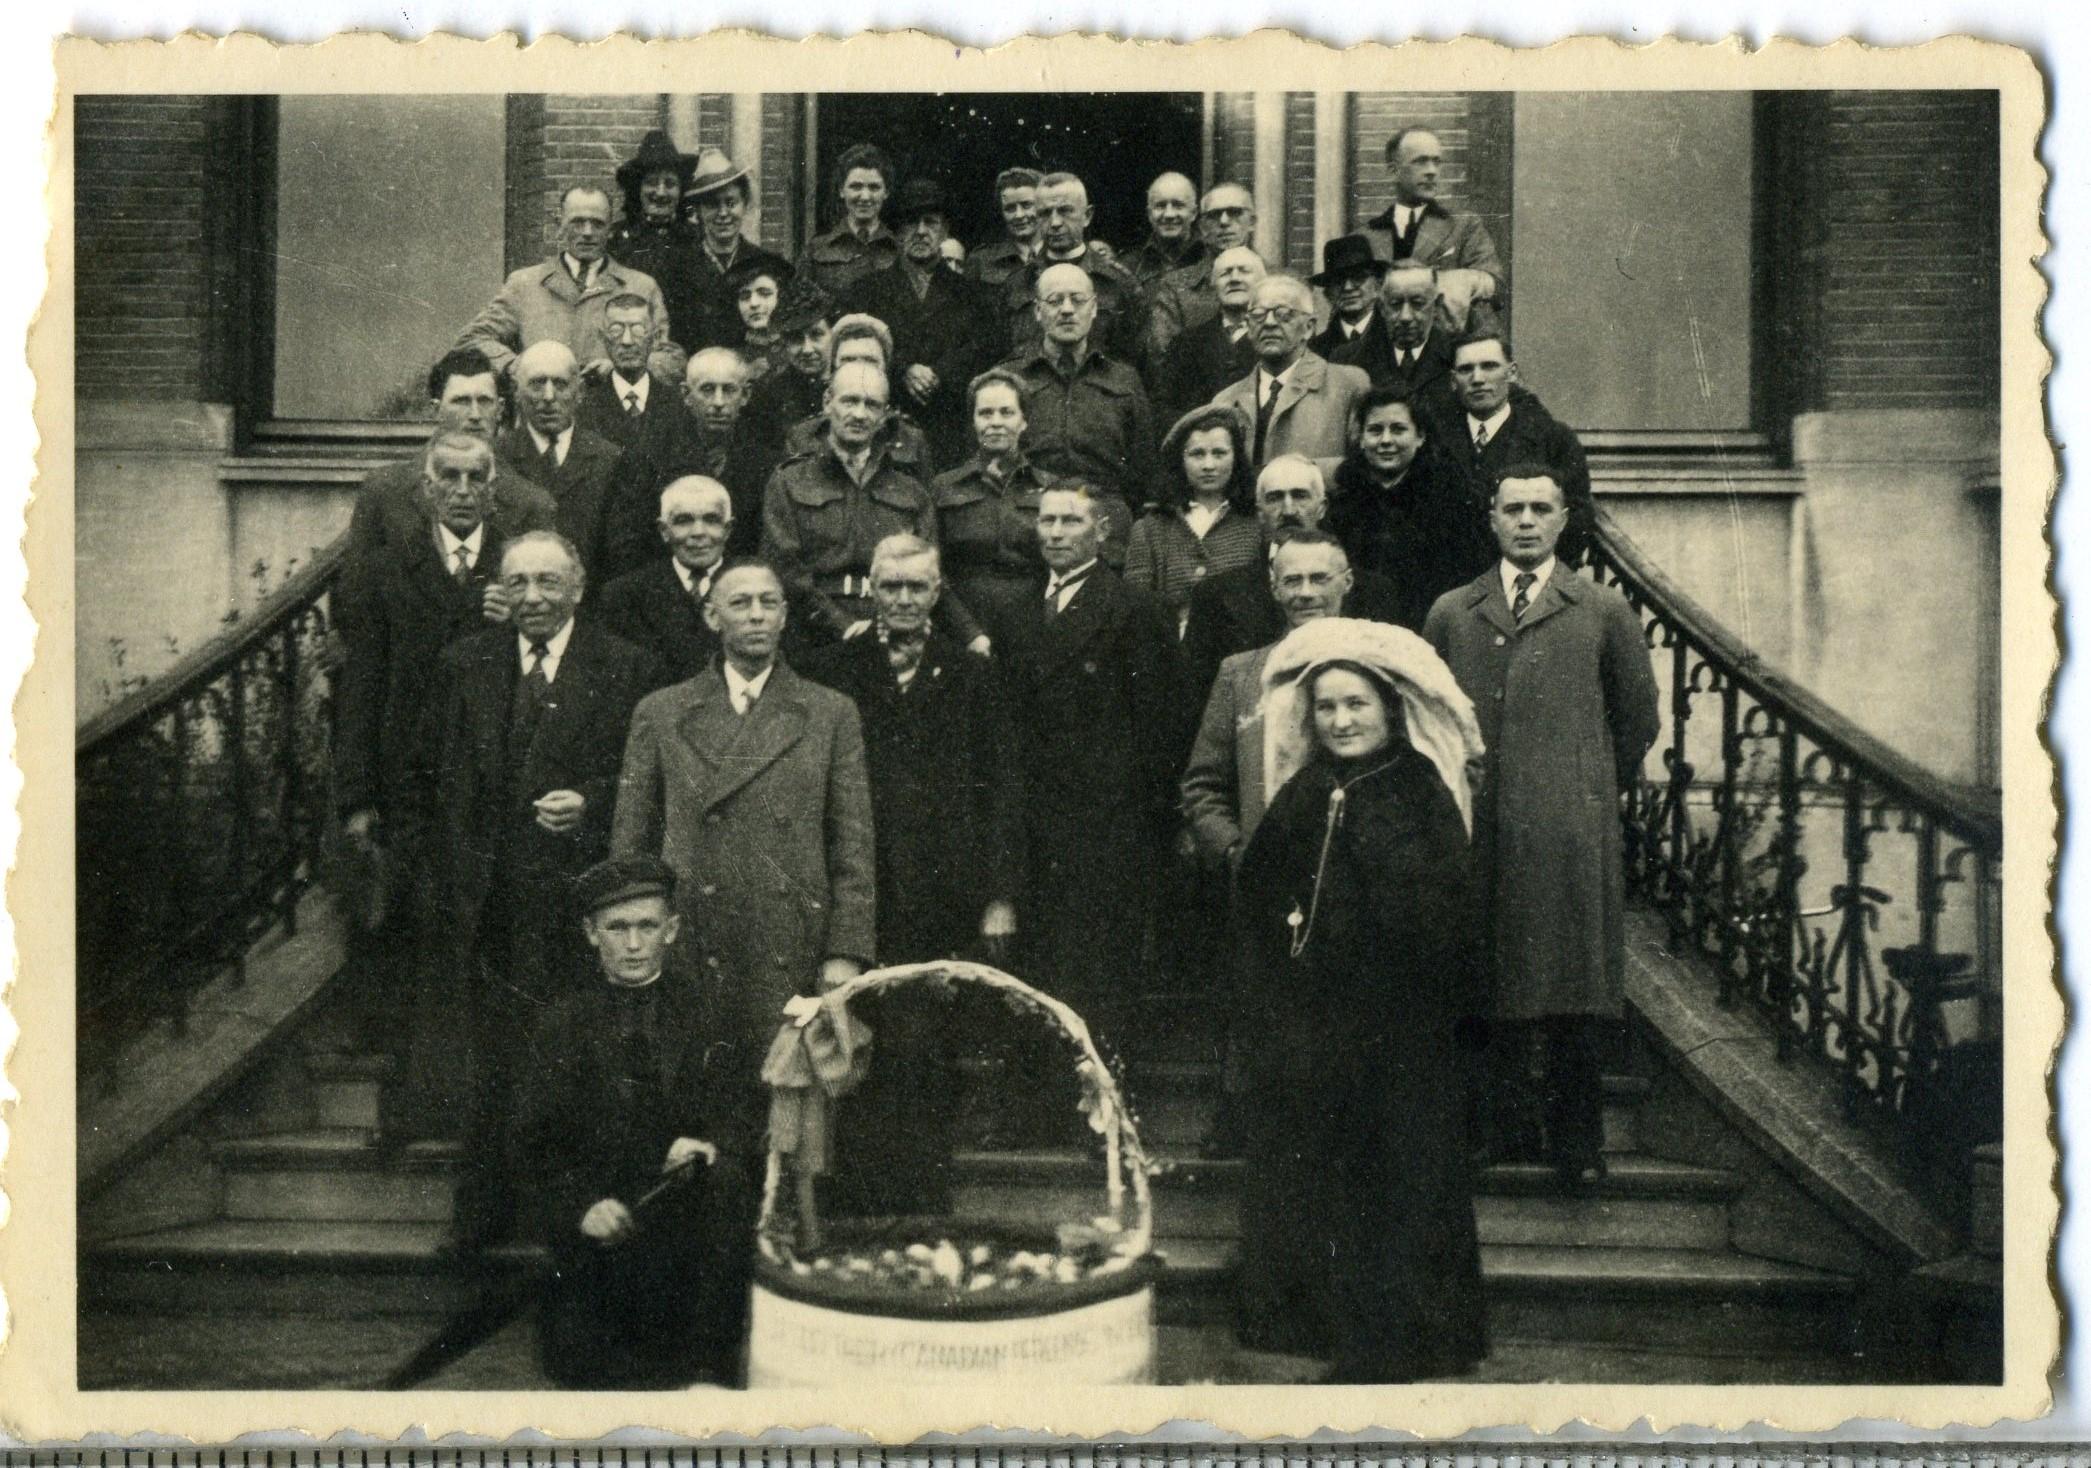 1 april 1945 Bevolking Sint-Michielsgestel dankt de Canadezen met een mand eieren